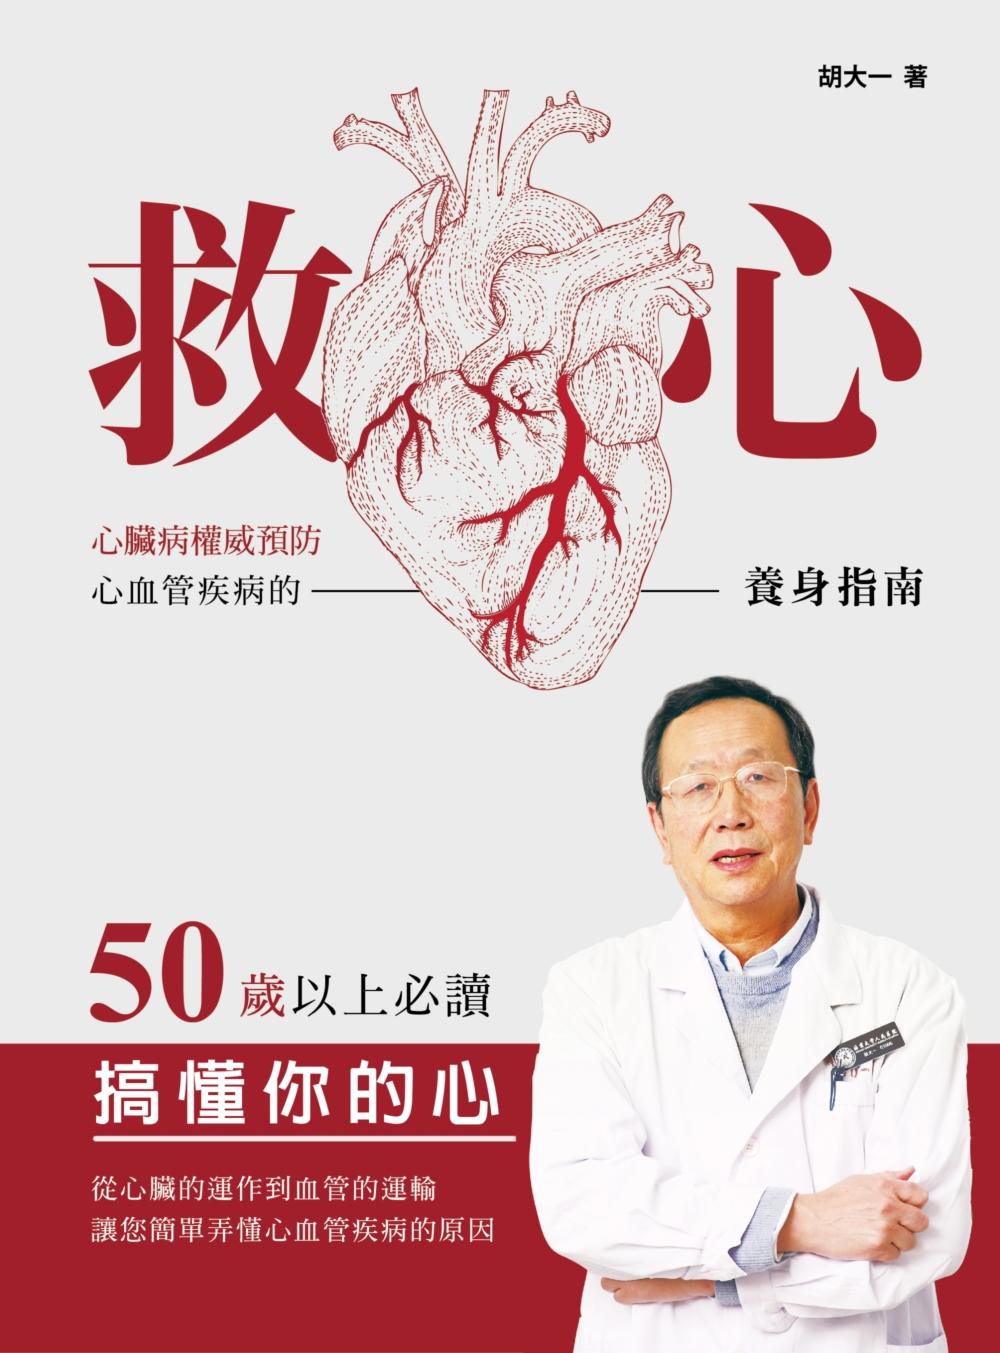 救心:心臟病權威預防心血管疾病的養身指南